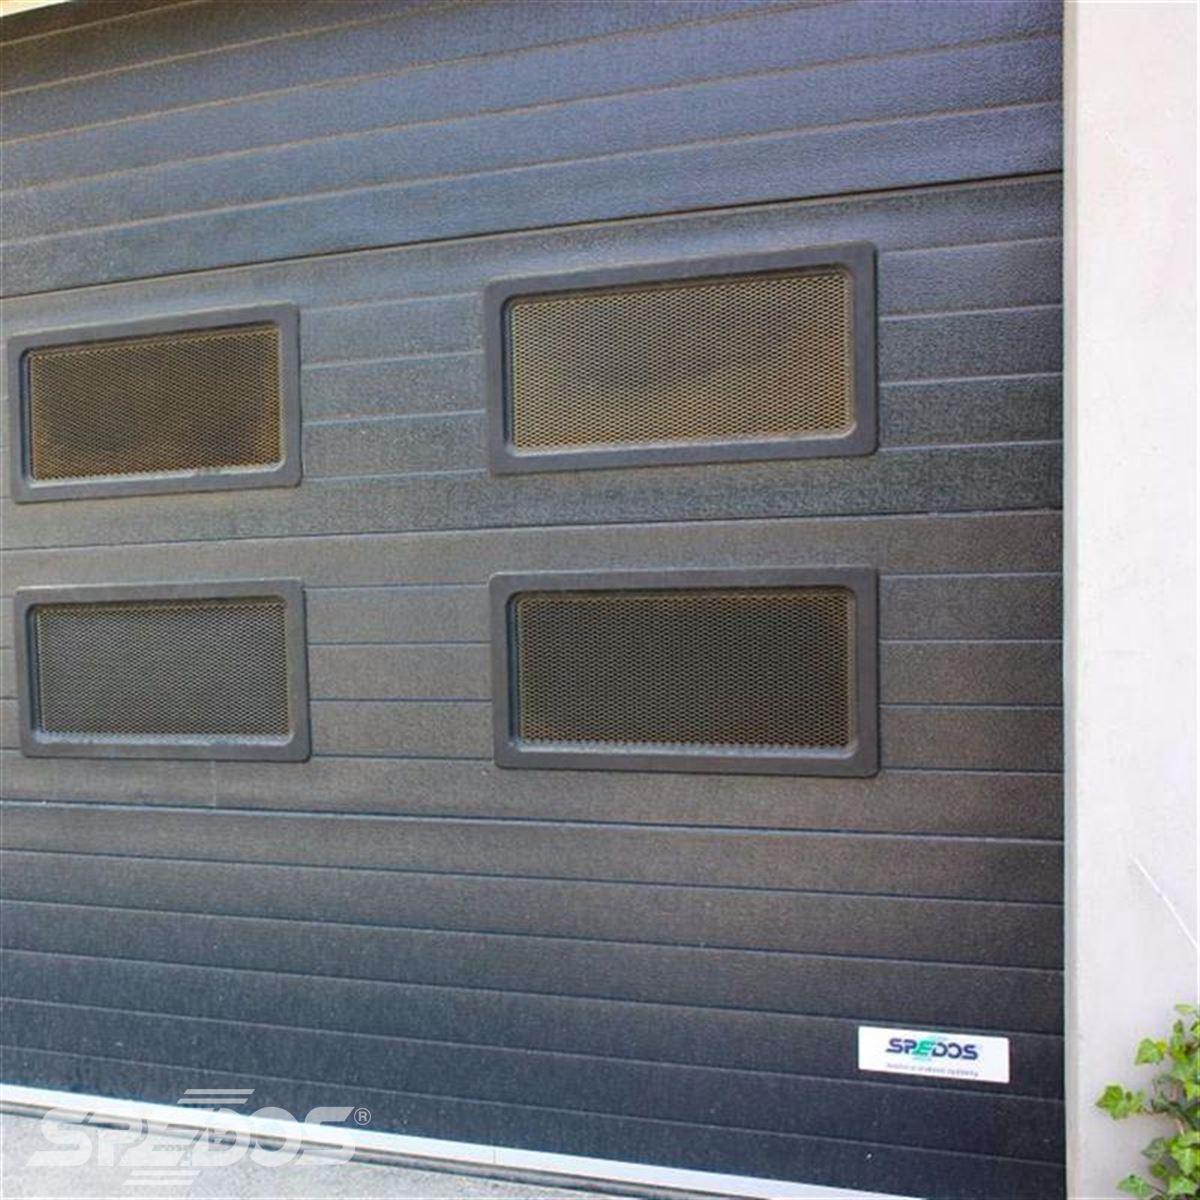 Garážová sekční vrata s okénky